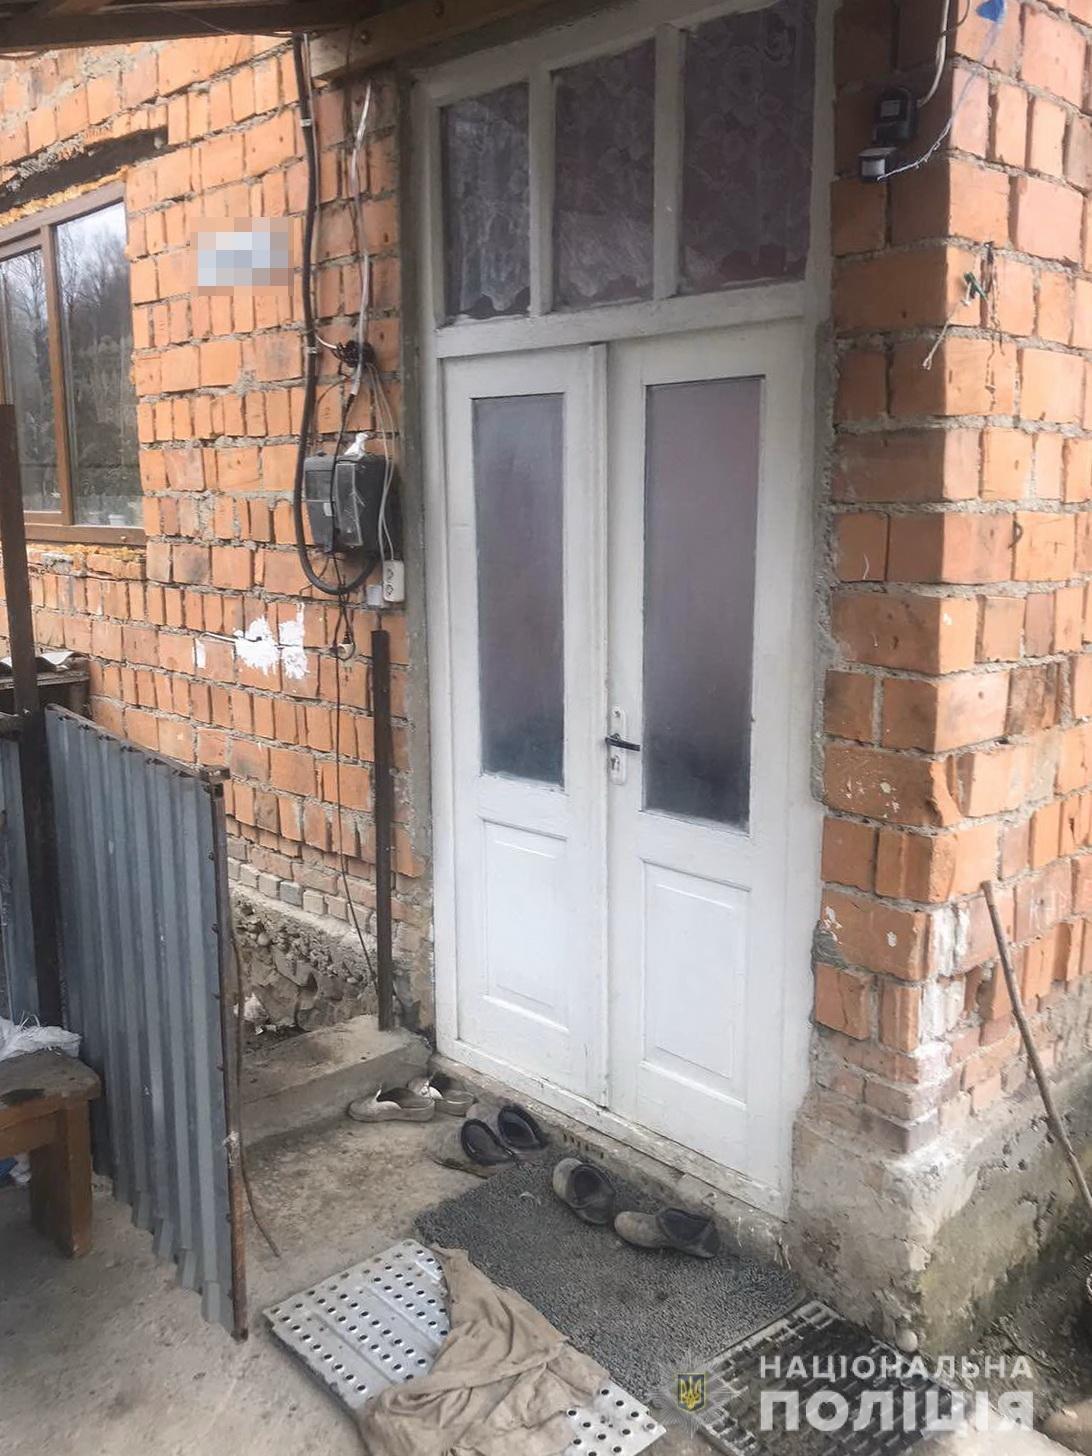 64-річна закарпатка обікрала свого сусіда (ФОТО), фото-2